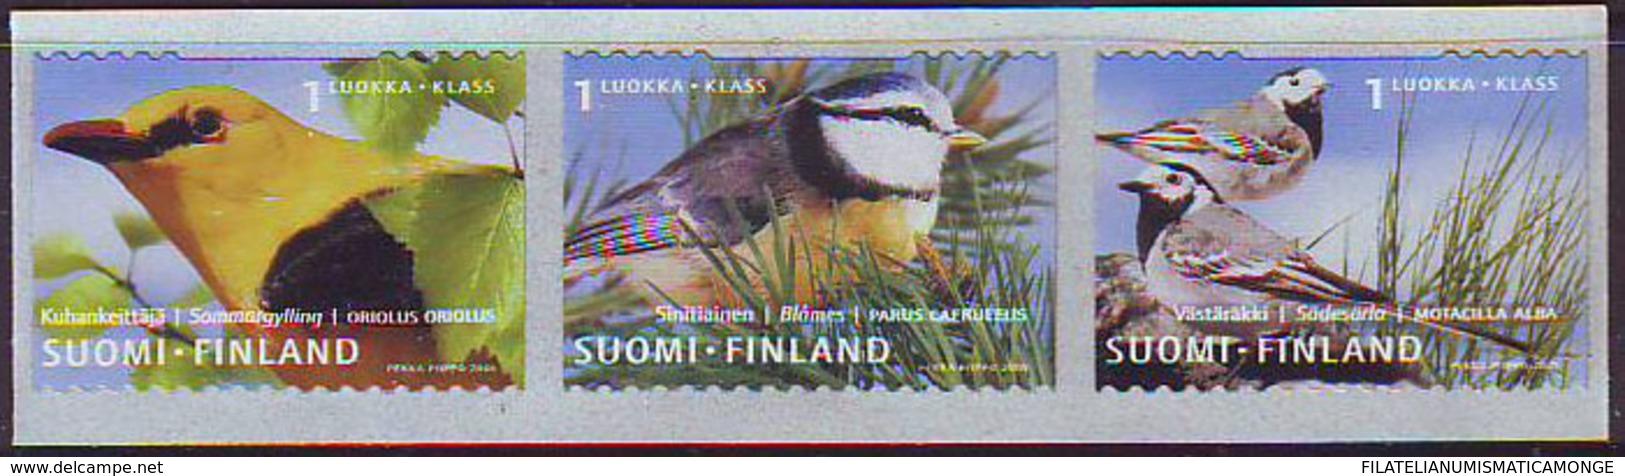 Finlandia 2001  Yvert Tellier  1548/50 Pajaros  ** - Finland